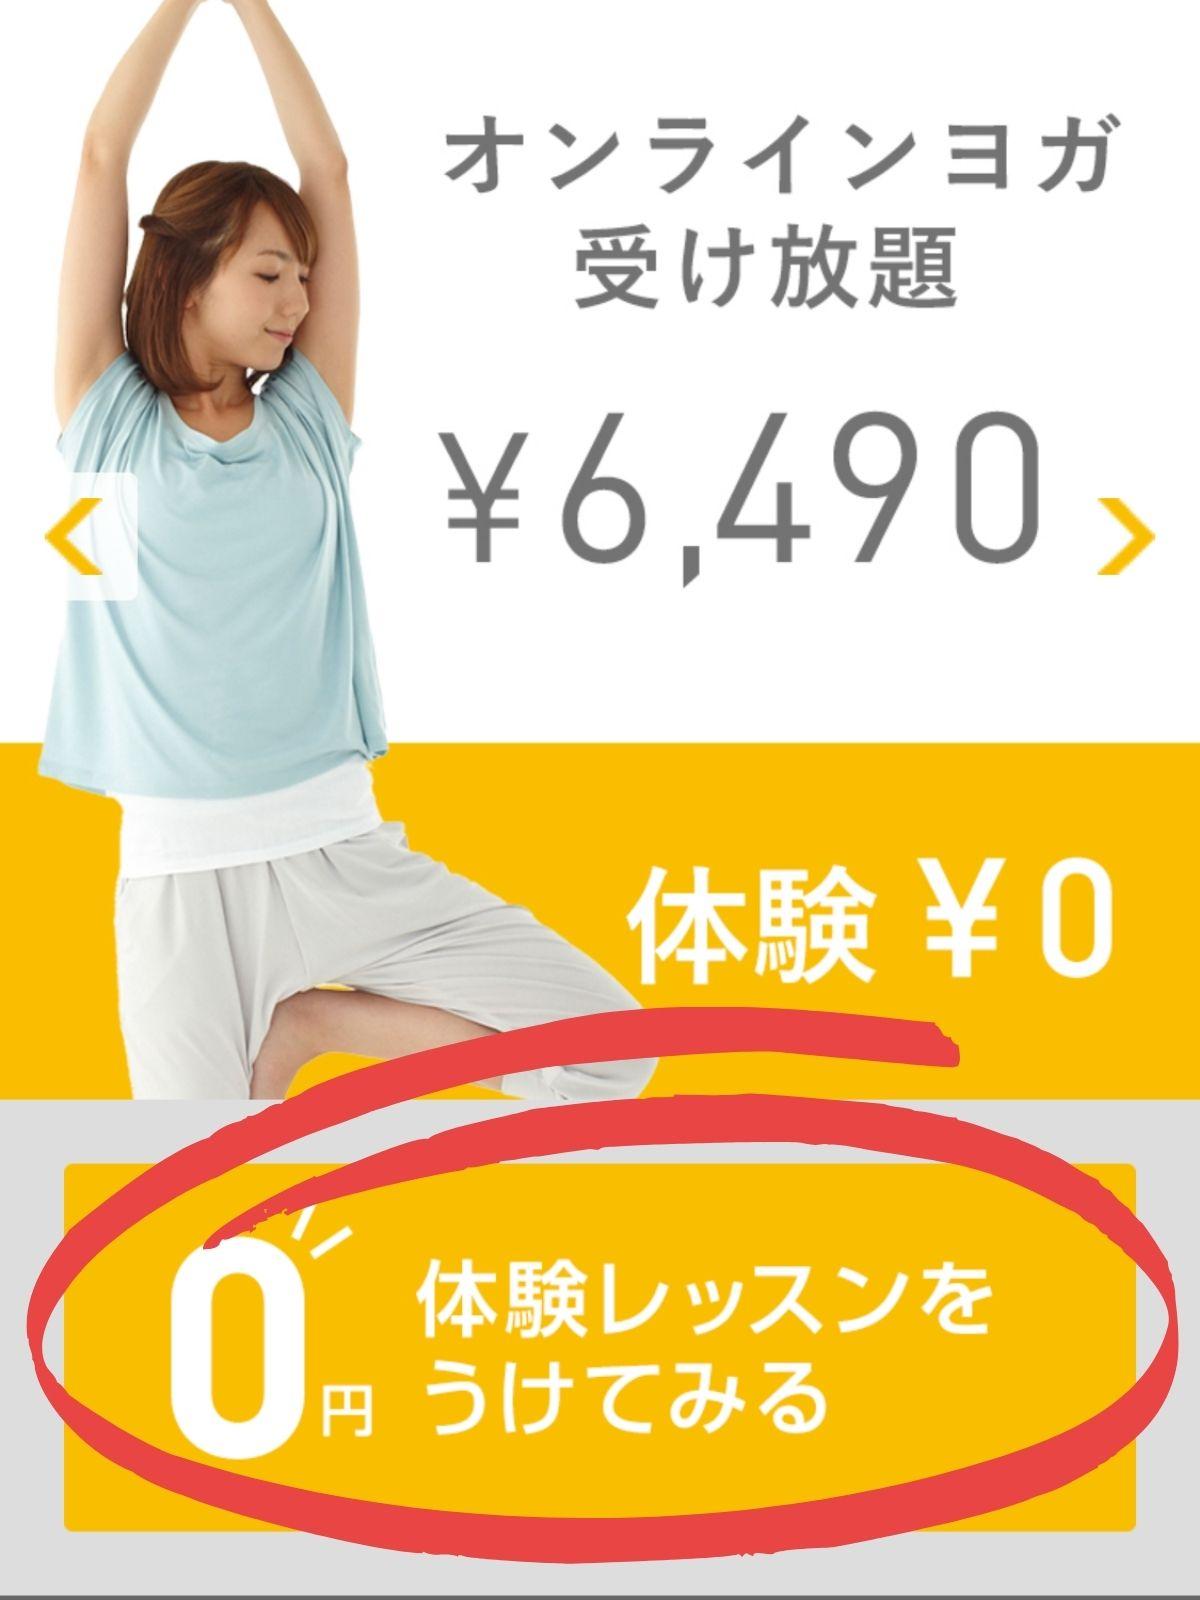 ヨガステ・オンラインの無料体験ボタン